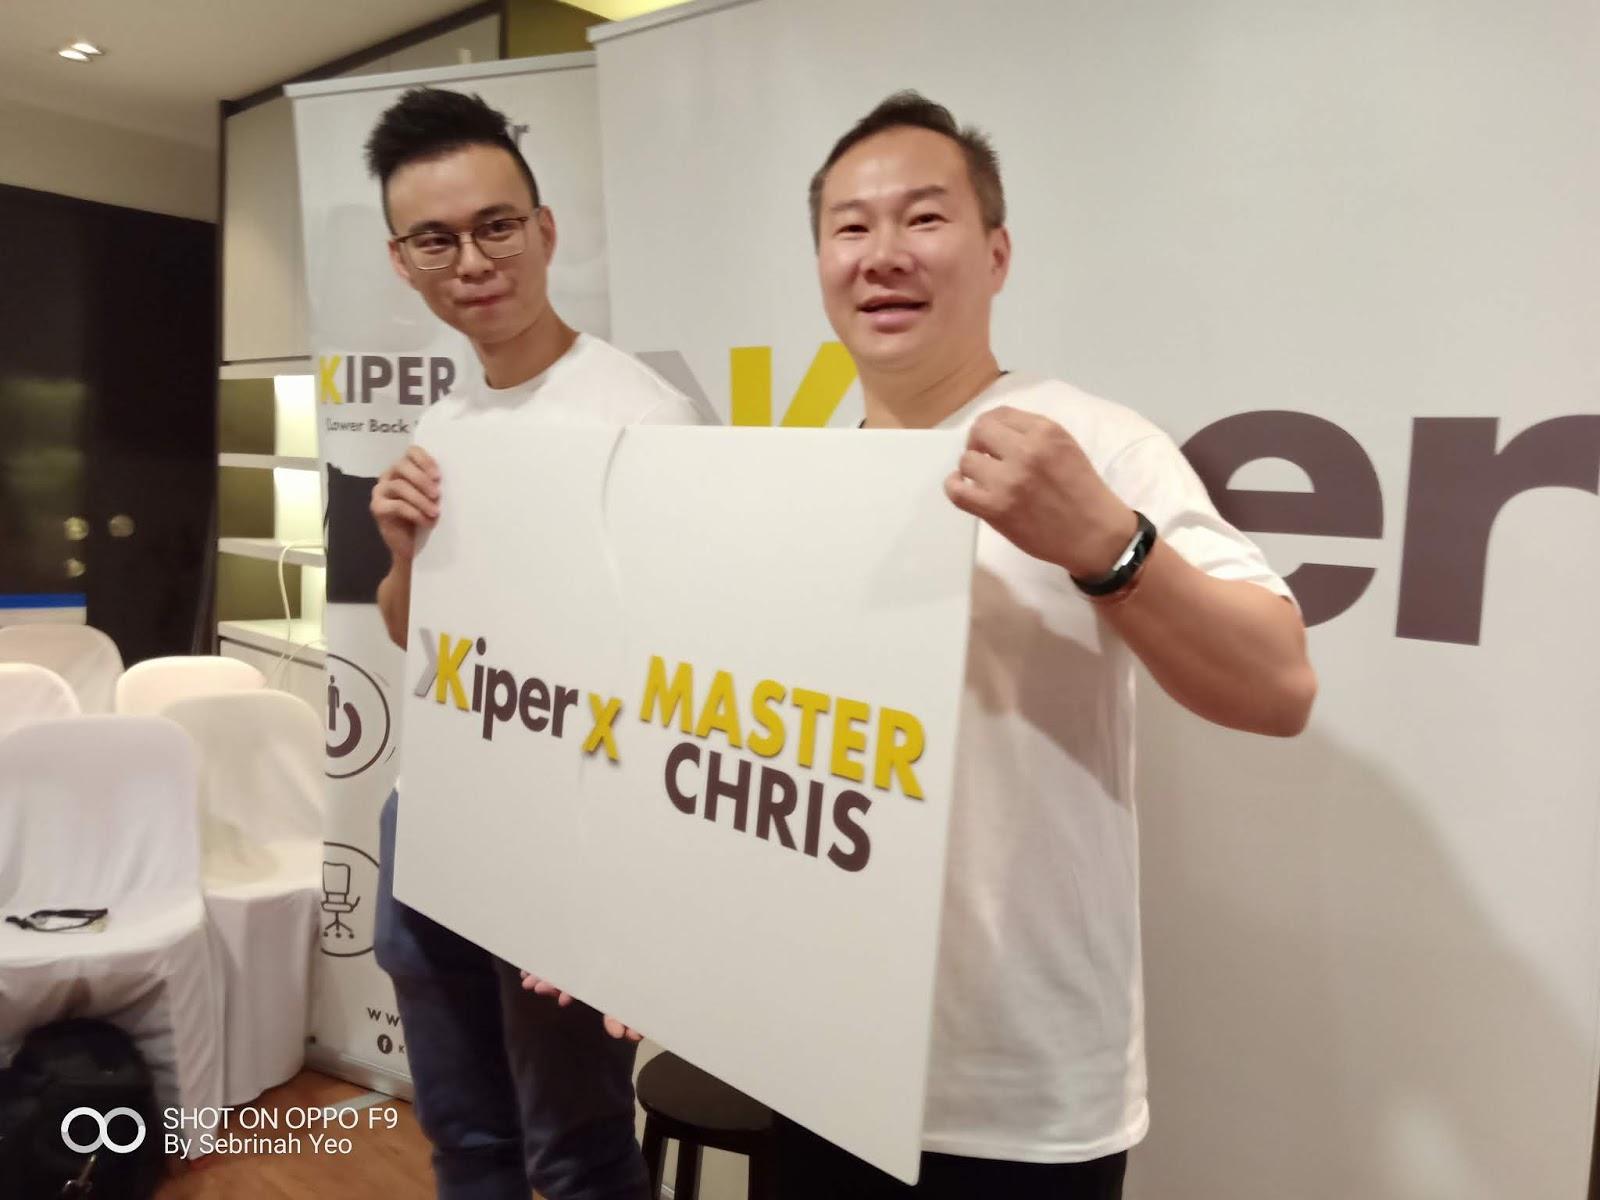 Kiper Collaboration with Master Chris Leong - Sebrinah Yeo